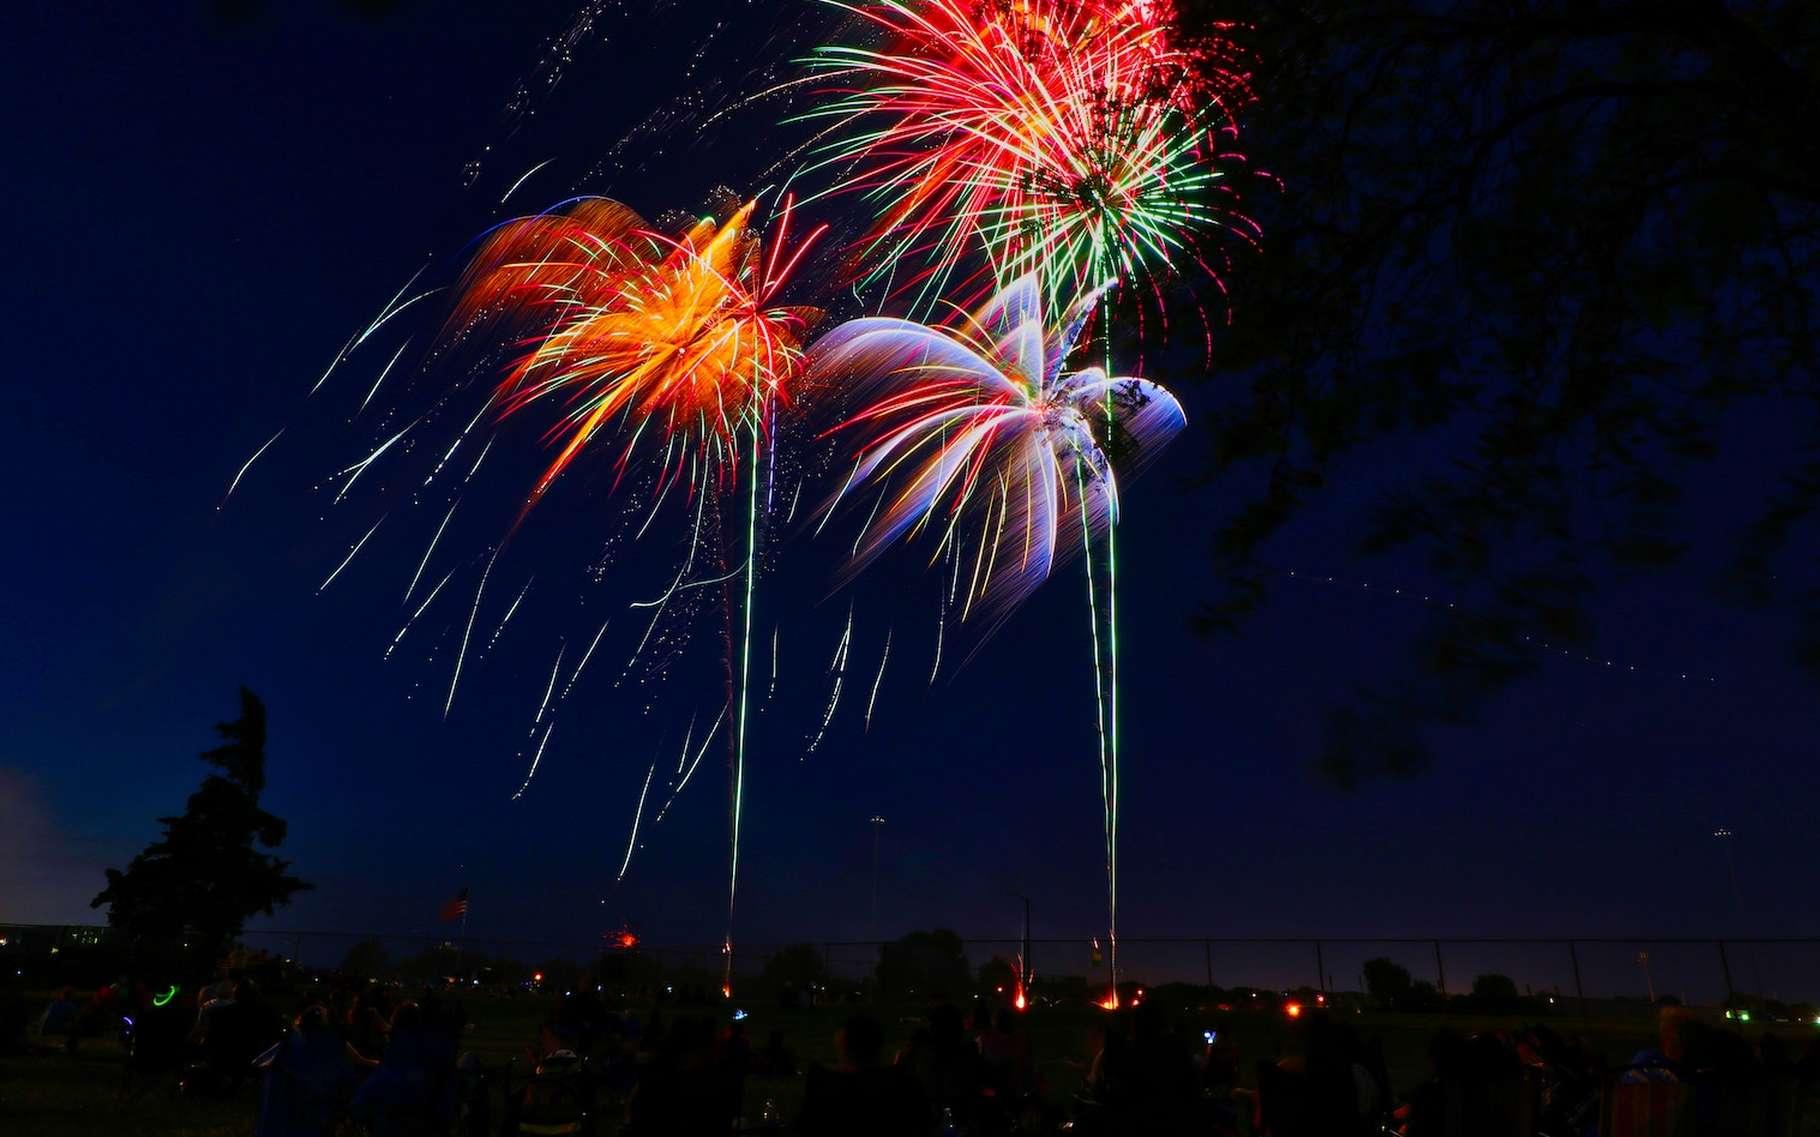 Les feux d'artifice sont utilisés en France pour célébrer la fête nationale du 14 juillet depuis 1880. © Thomas Evans, Unsplash